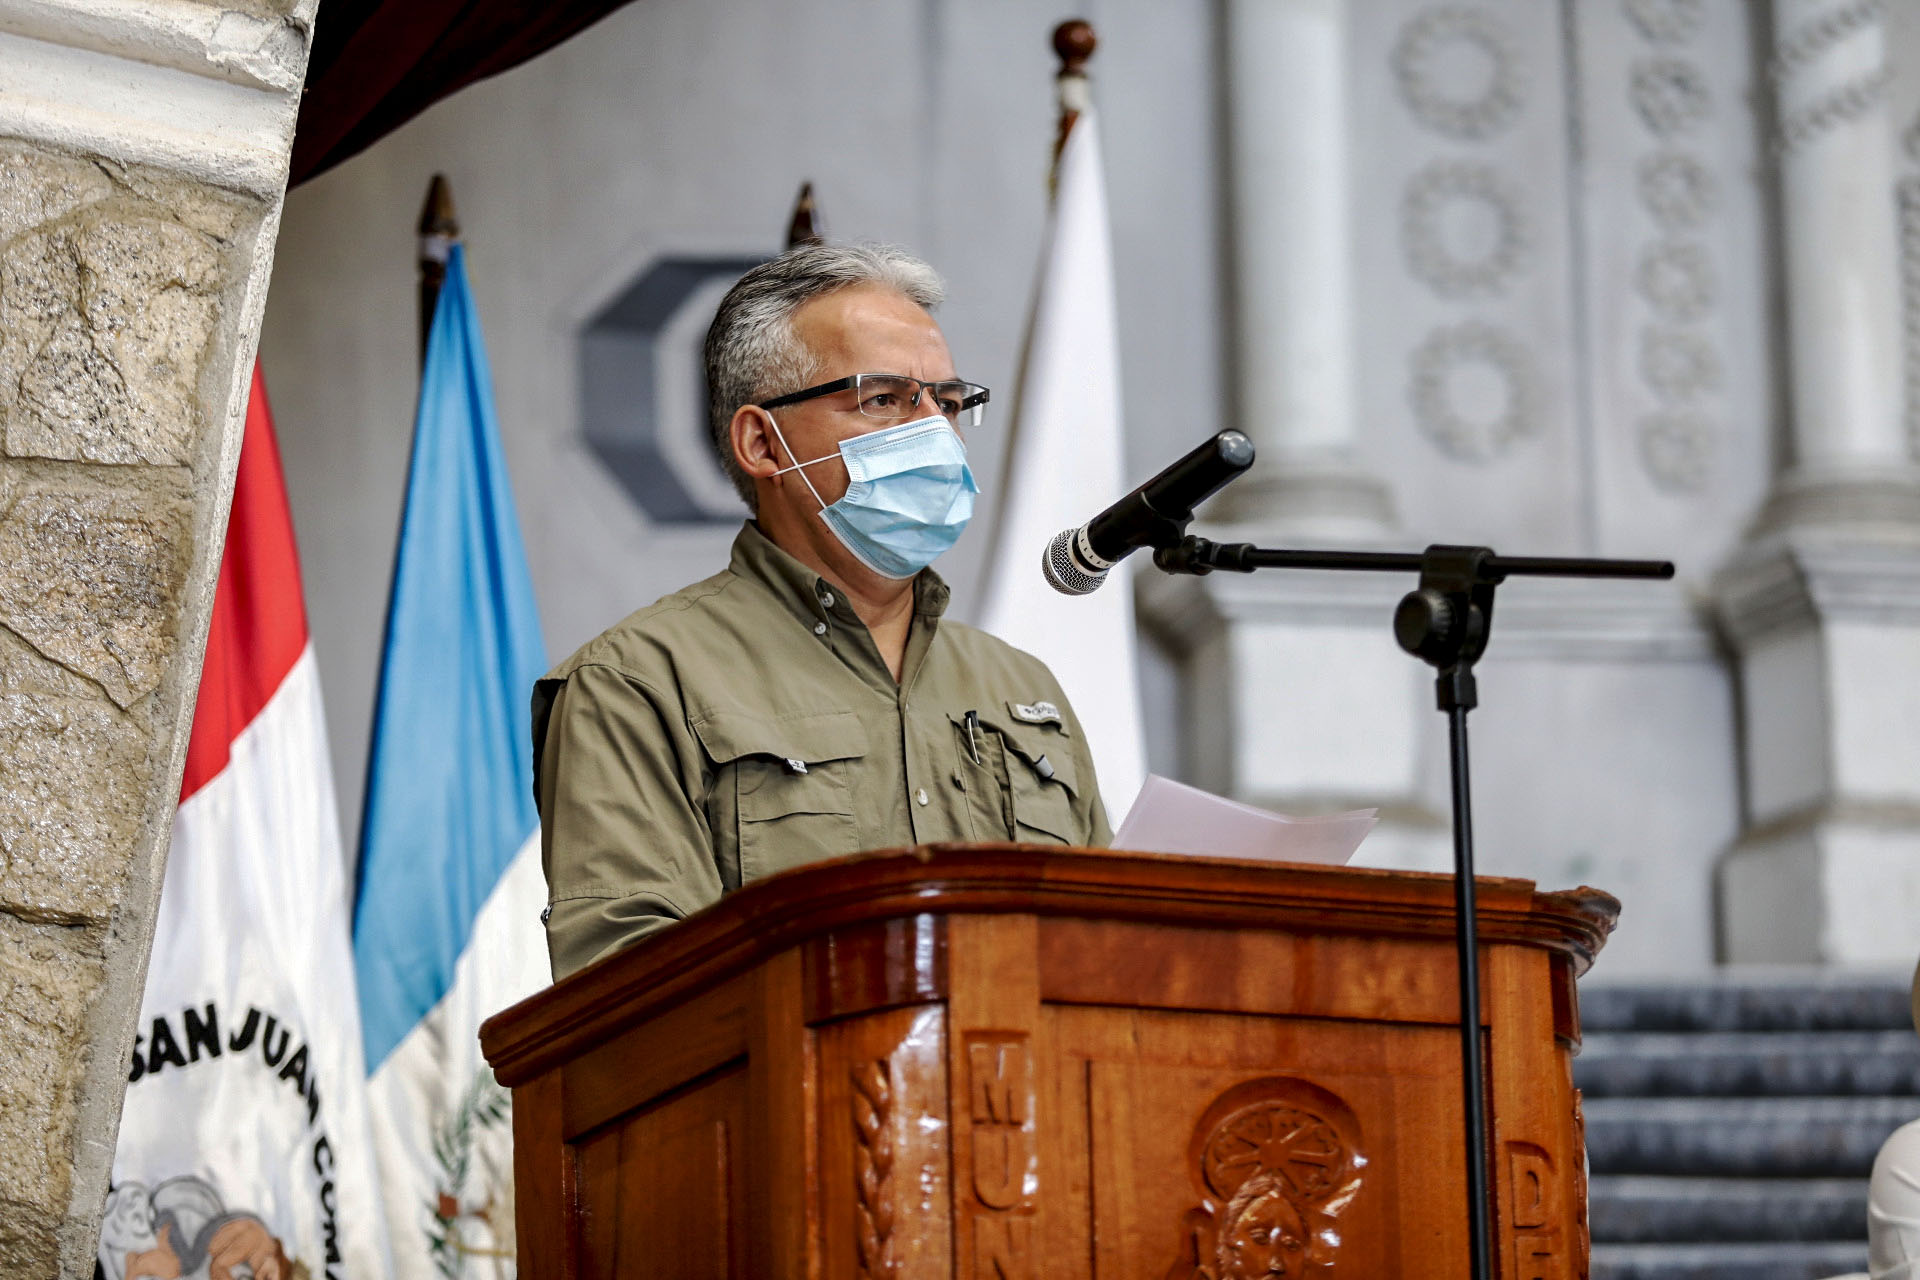 Guillermo Estrada/Presidencia